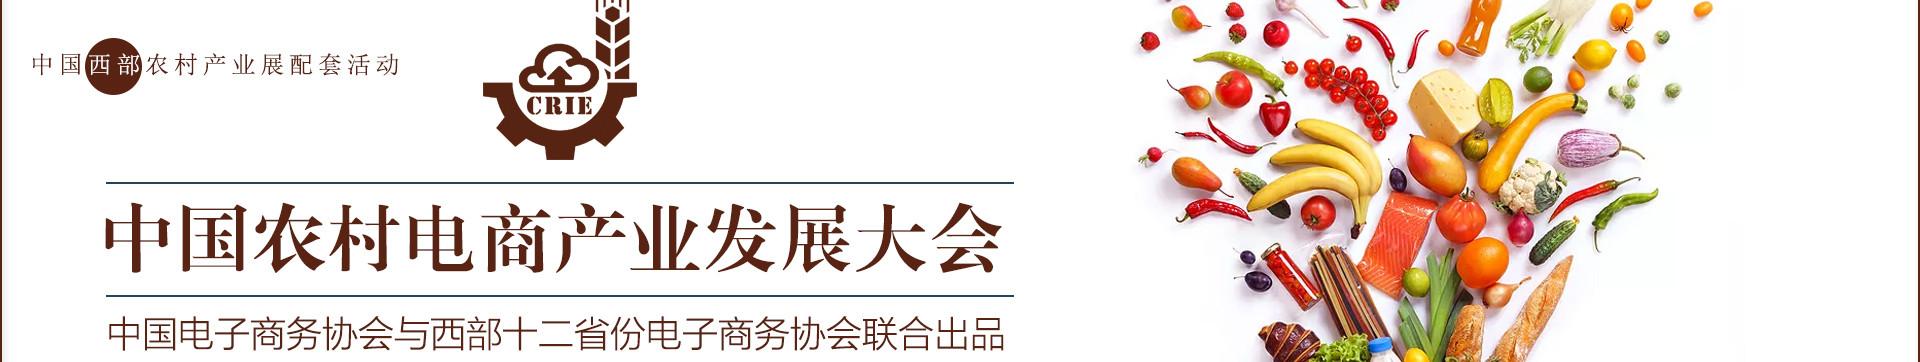 2017中国农村电商产业发展大会